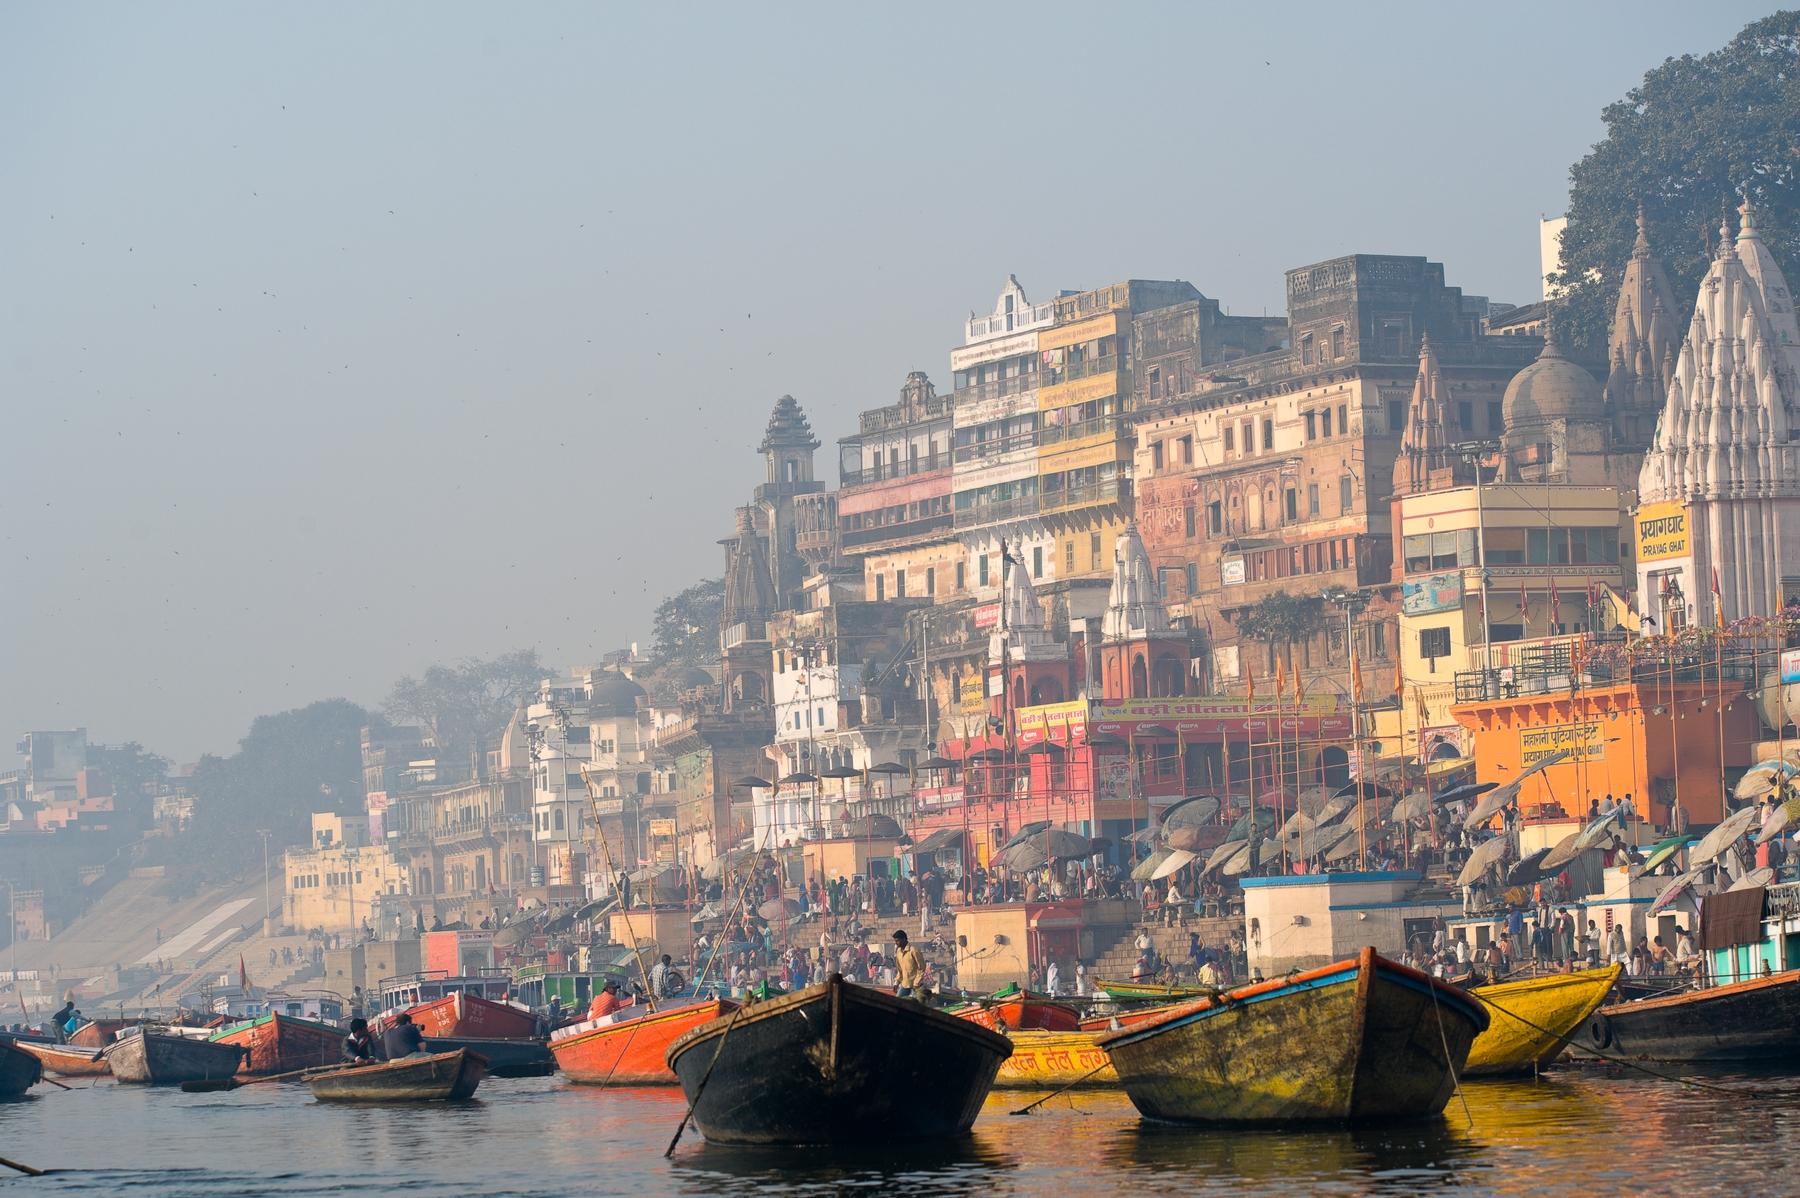 Недорогие билеты в Индию: древний город Варанаси